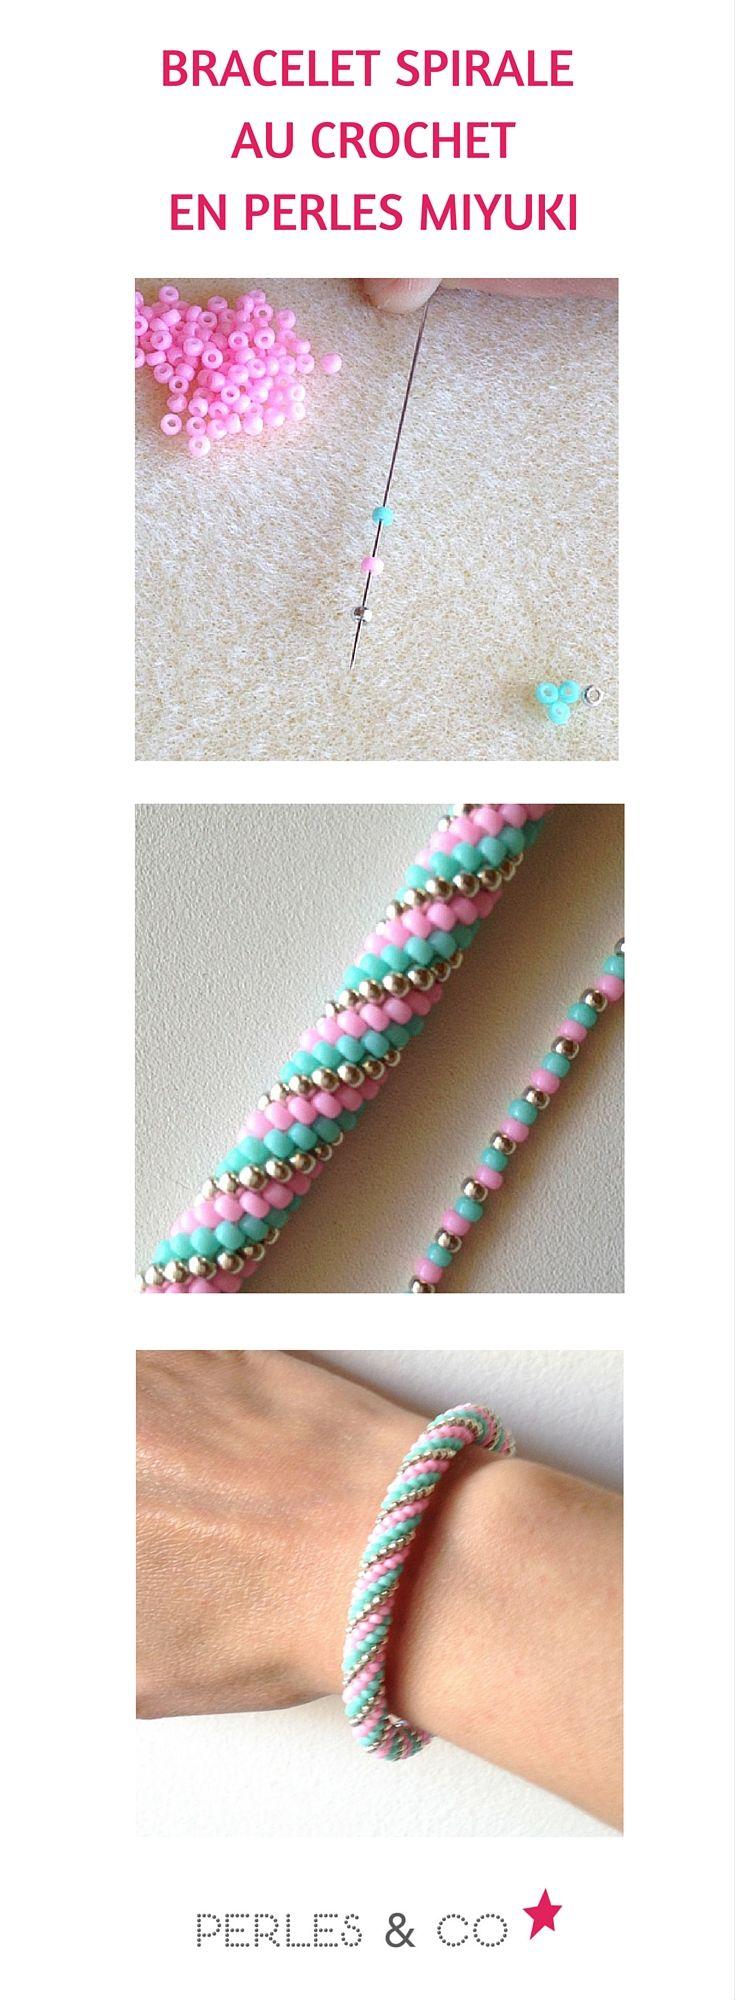 Réalisez ce bracelet spirale au crochet avec des perles Miyuki grâce au tutoriel de Perles and Co.  https://www.perlesandco.com/Bracelet_spirale_au_crochet_en_perles_Miyuki-s-2598-4.html